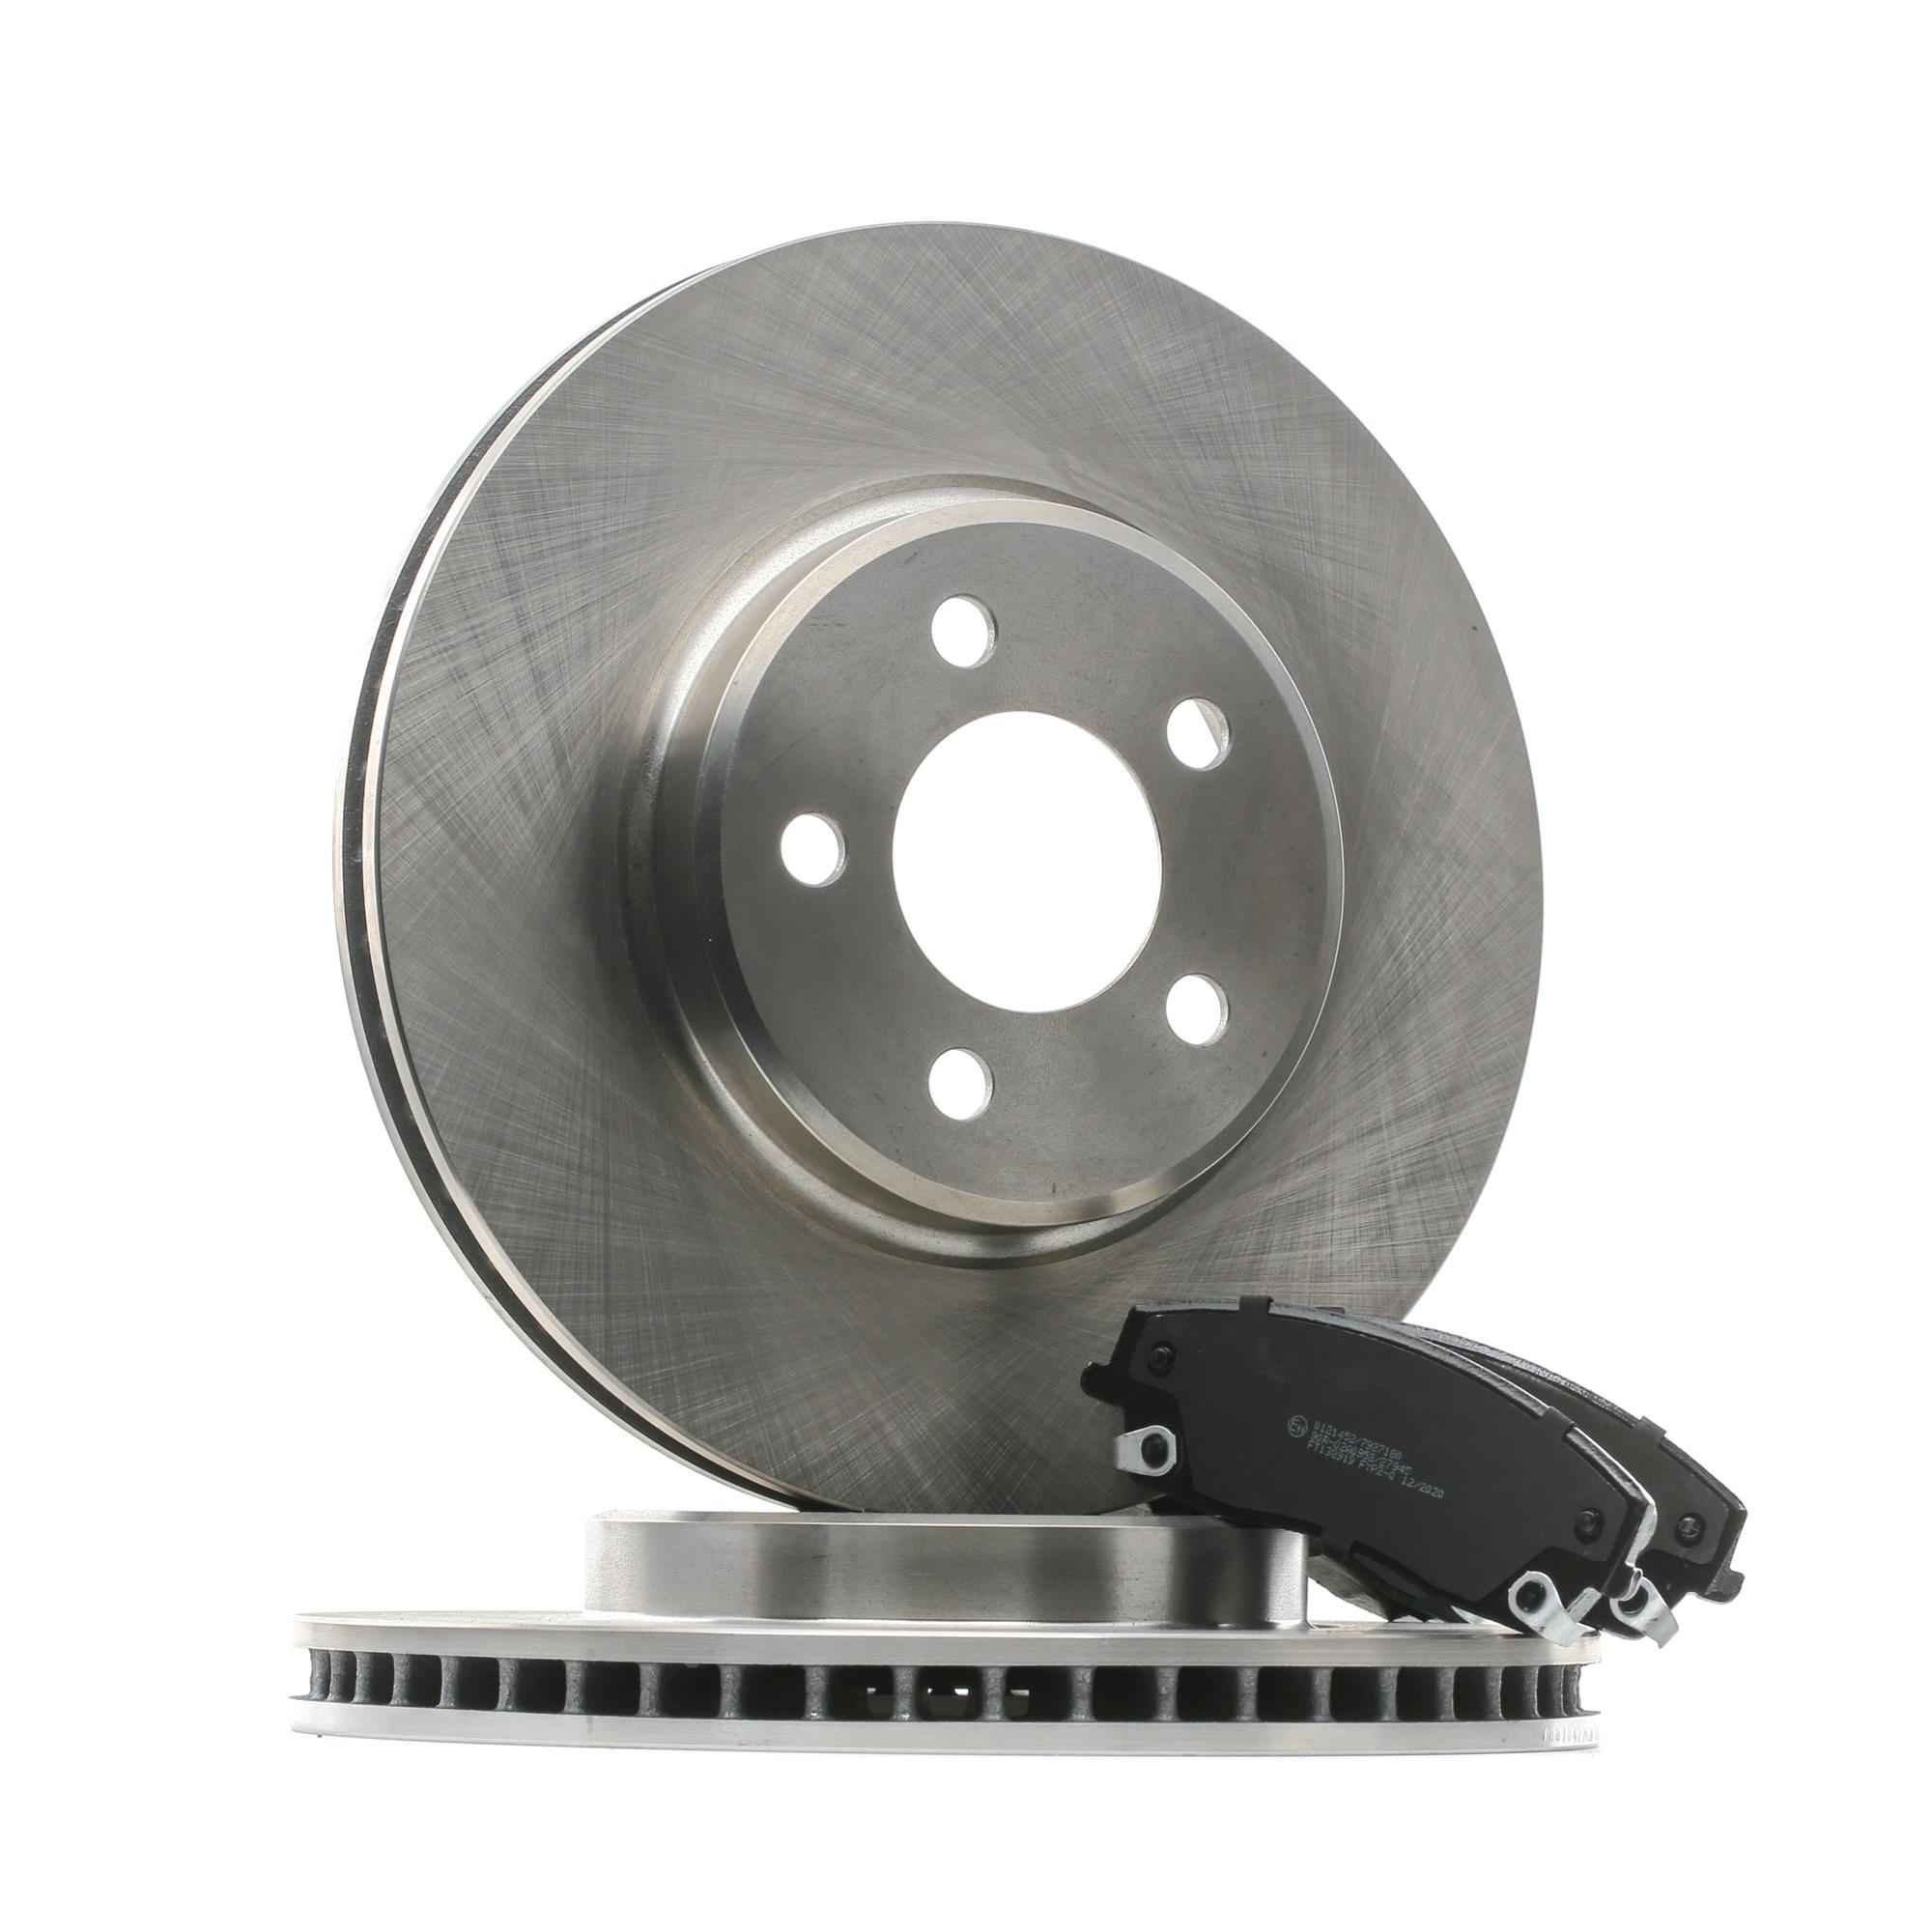 STARK: Original Bremsensatz SKBK-10991623 (Bremsscheibendicke: 18,8, 28mm)